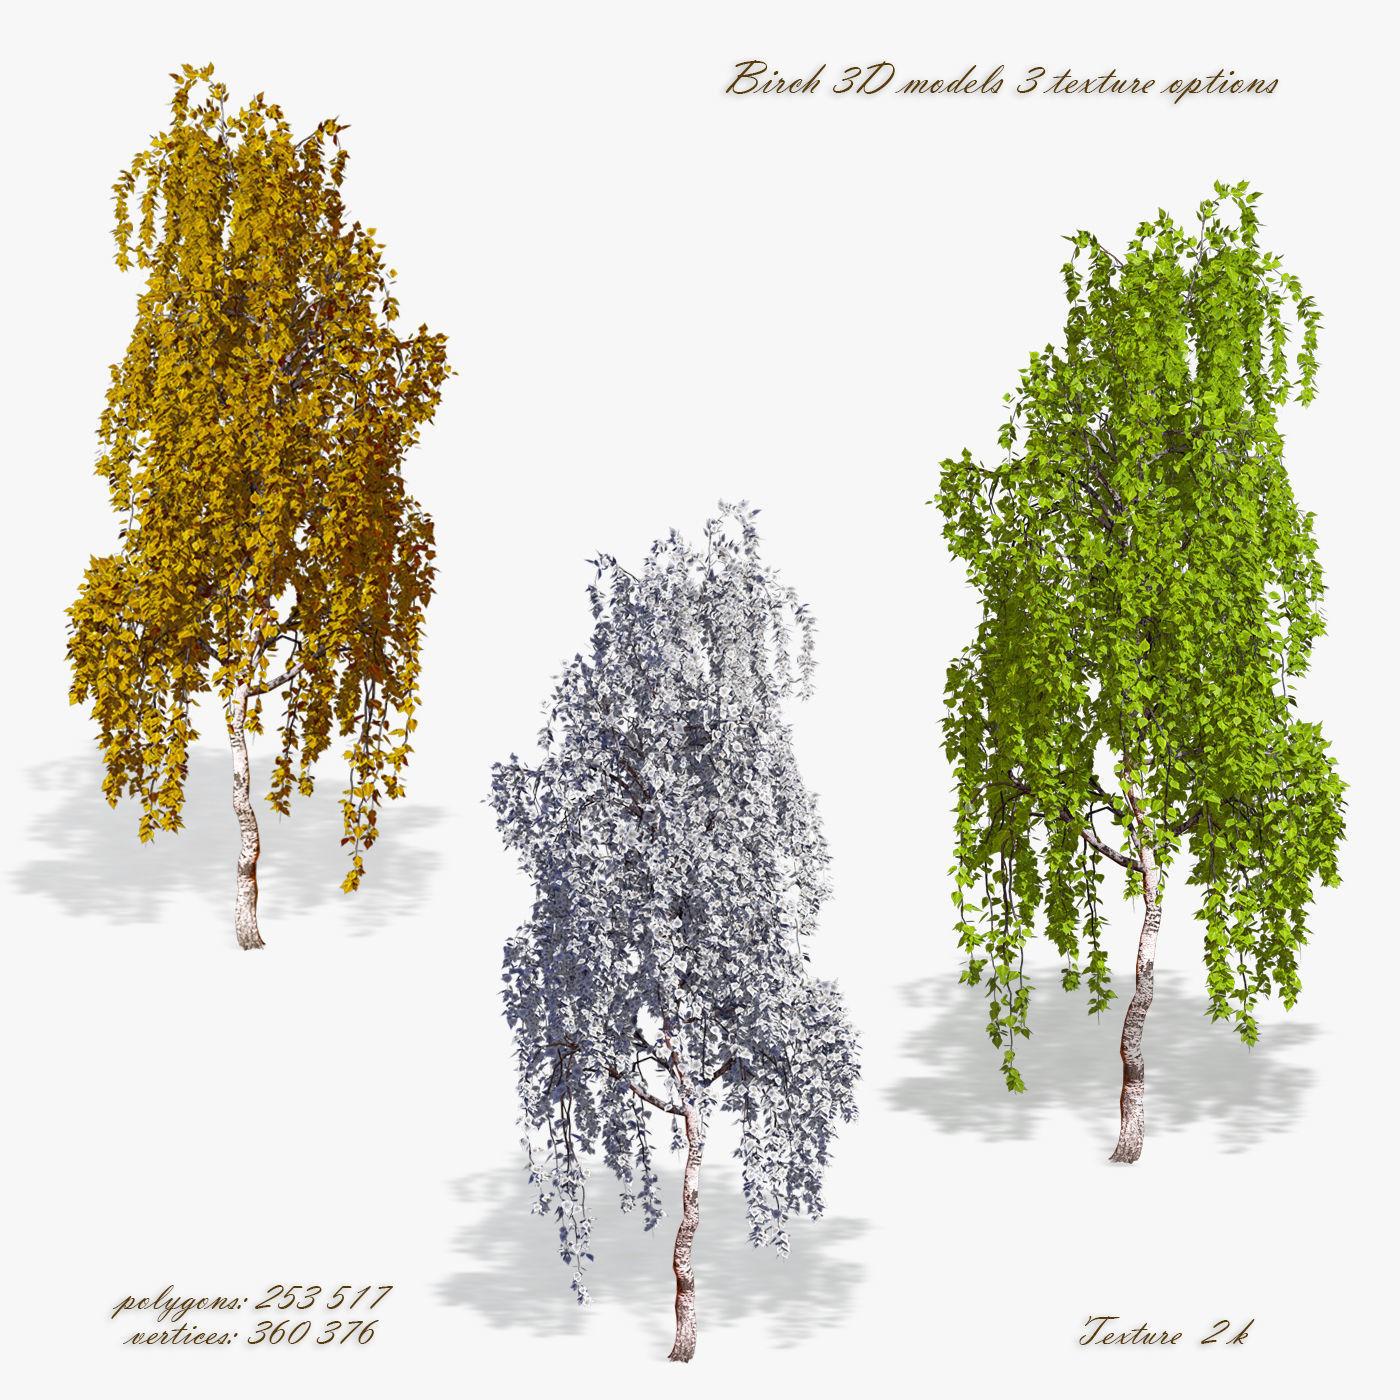 Birch Tree 02